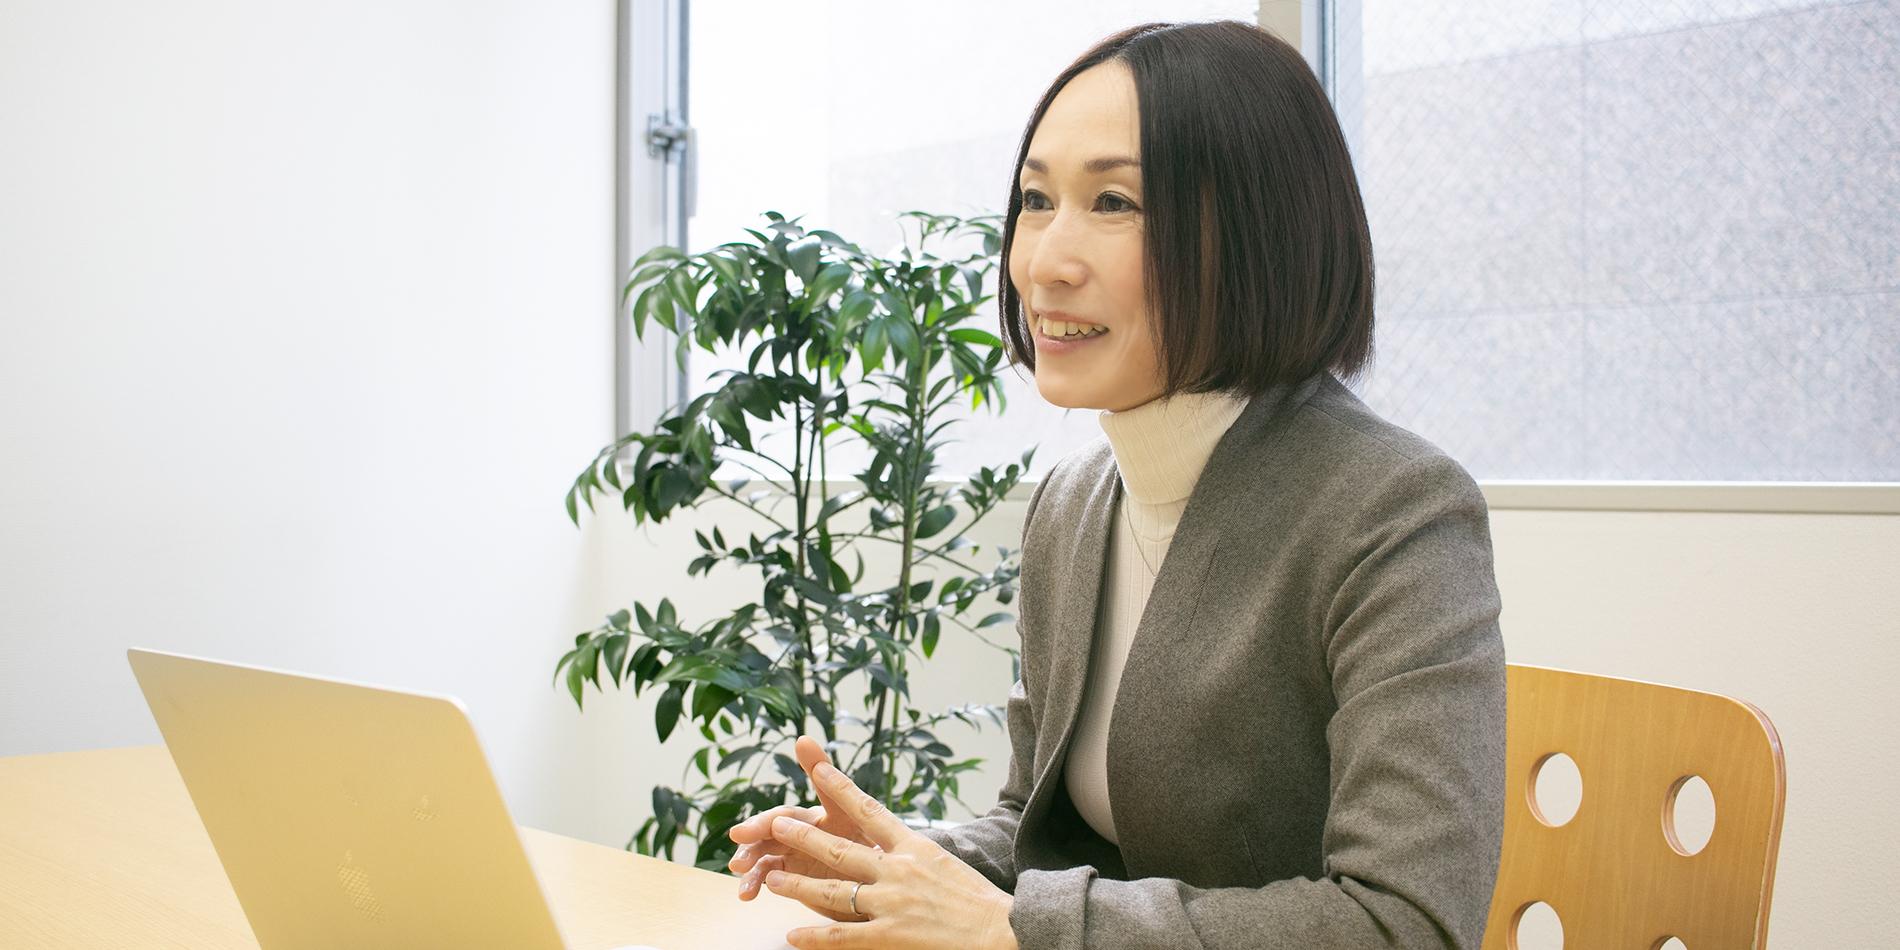 メイン講師 前田 株式会社リゾーム所属